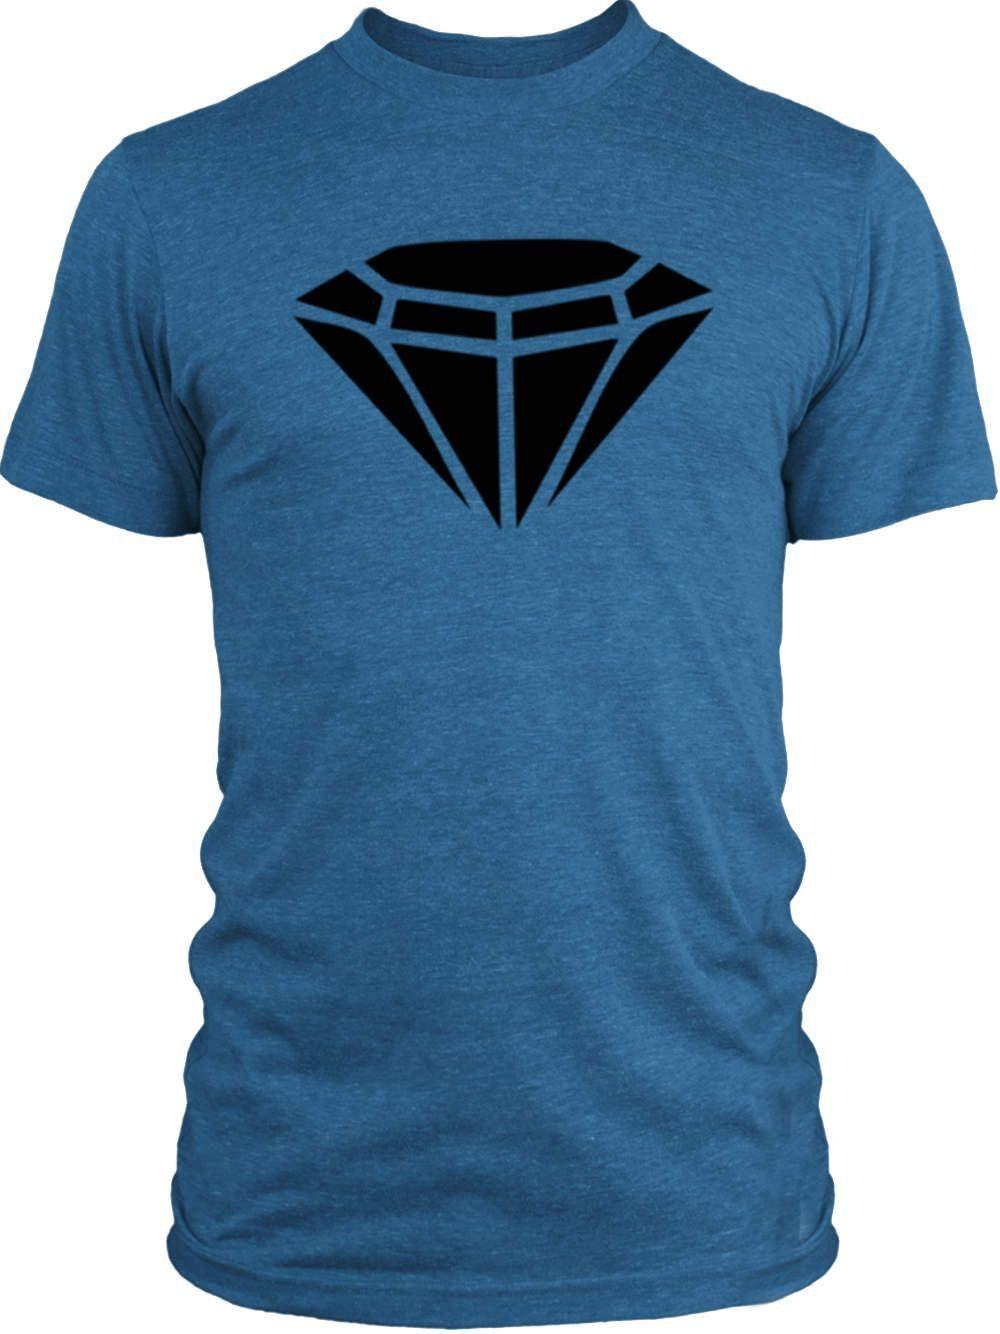 Big Texas Black Diamond Vintage Tri-Blend T-Shirt